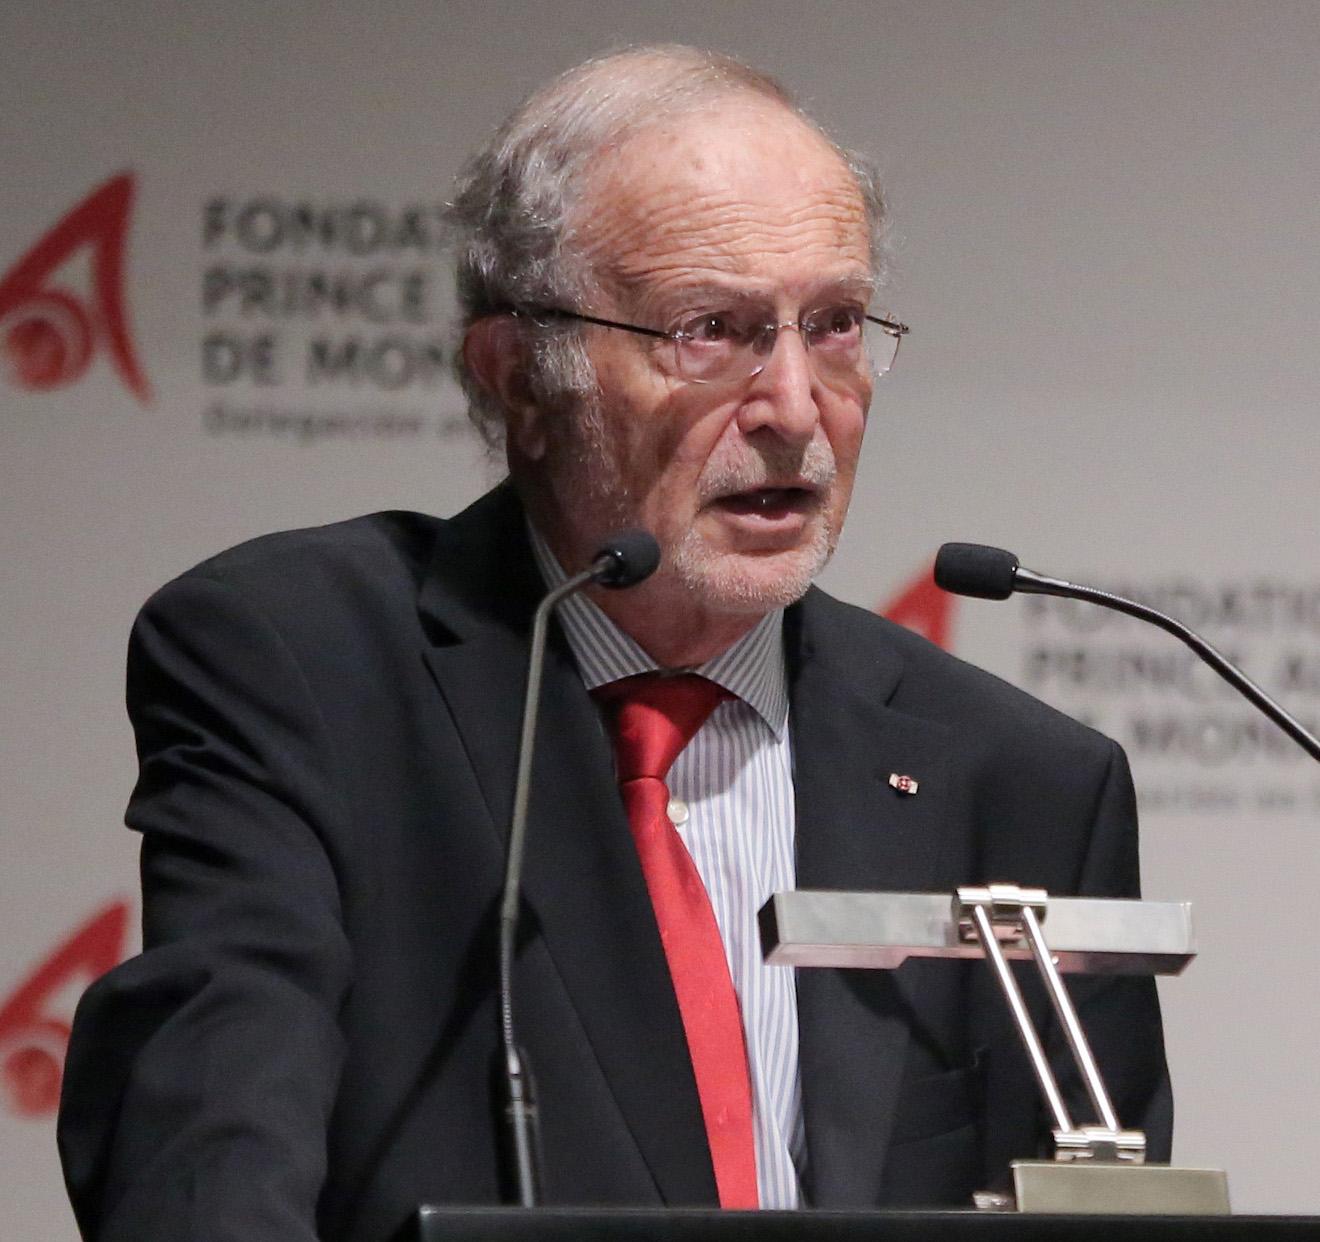 H.E. Bernard Fautrier